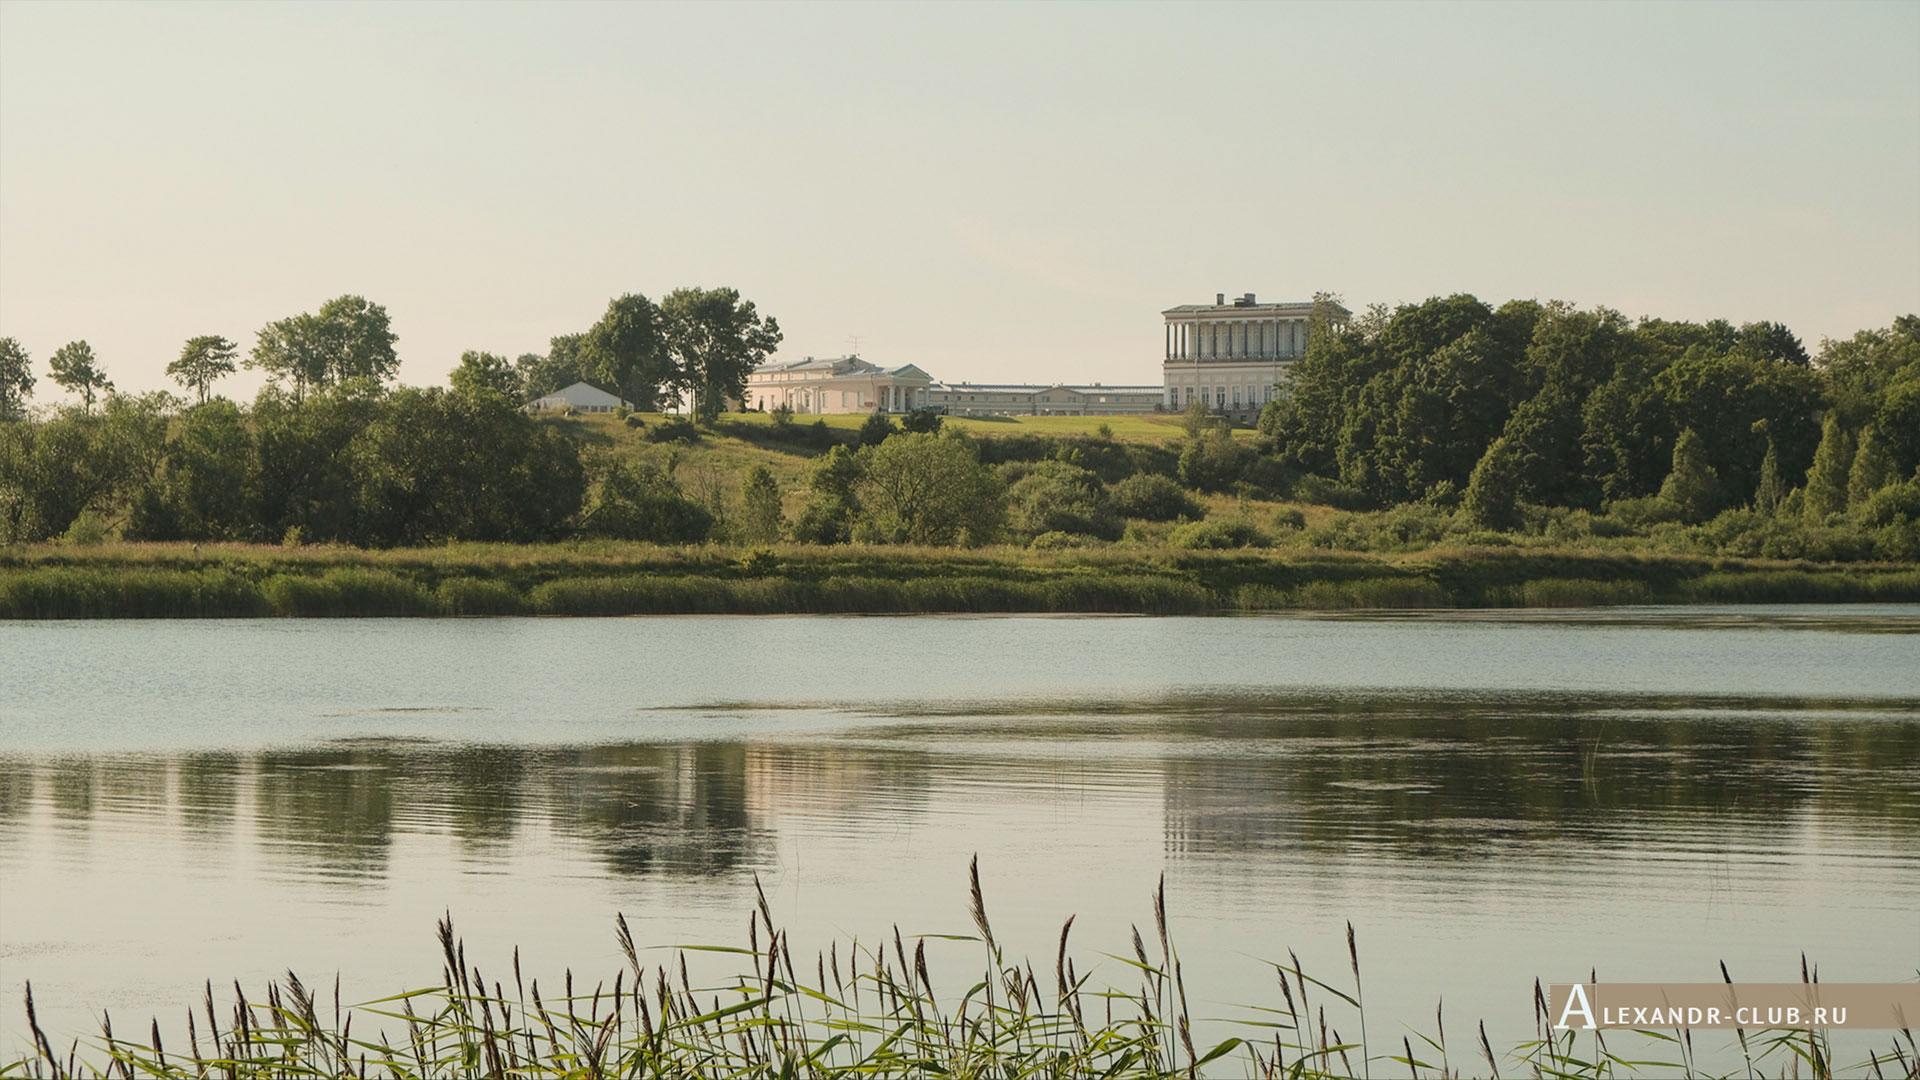 Петергоф, Луговой парк, лето, дворец Бельведер